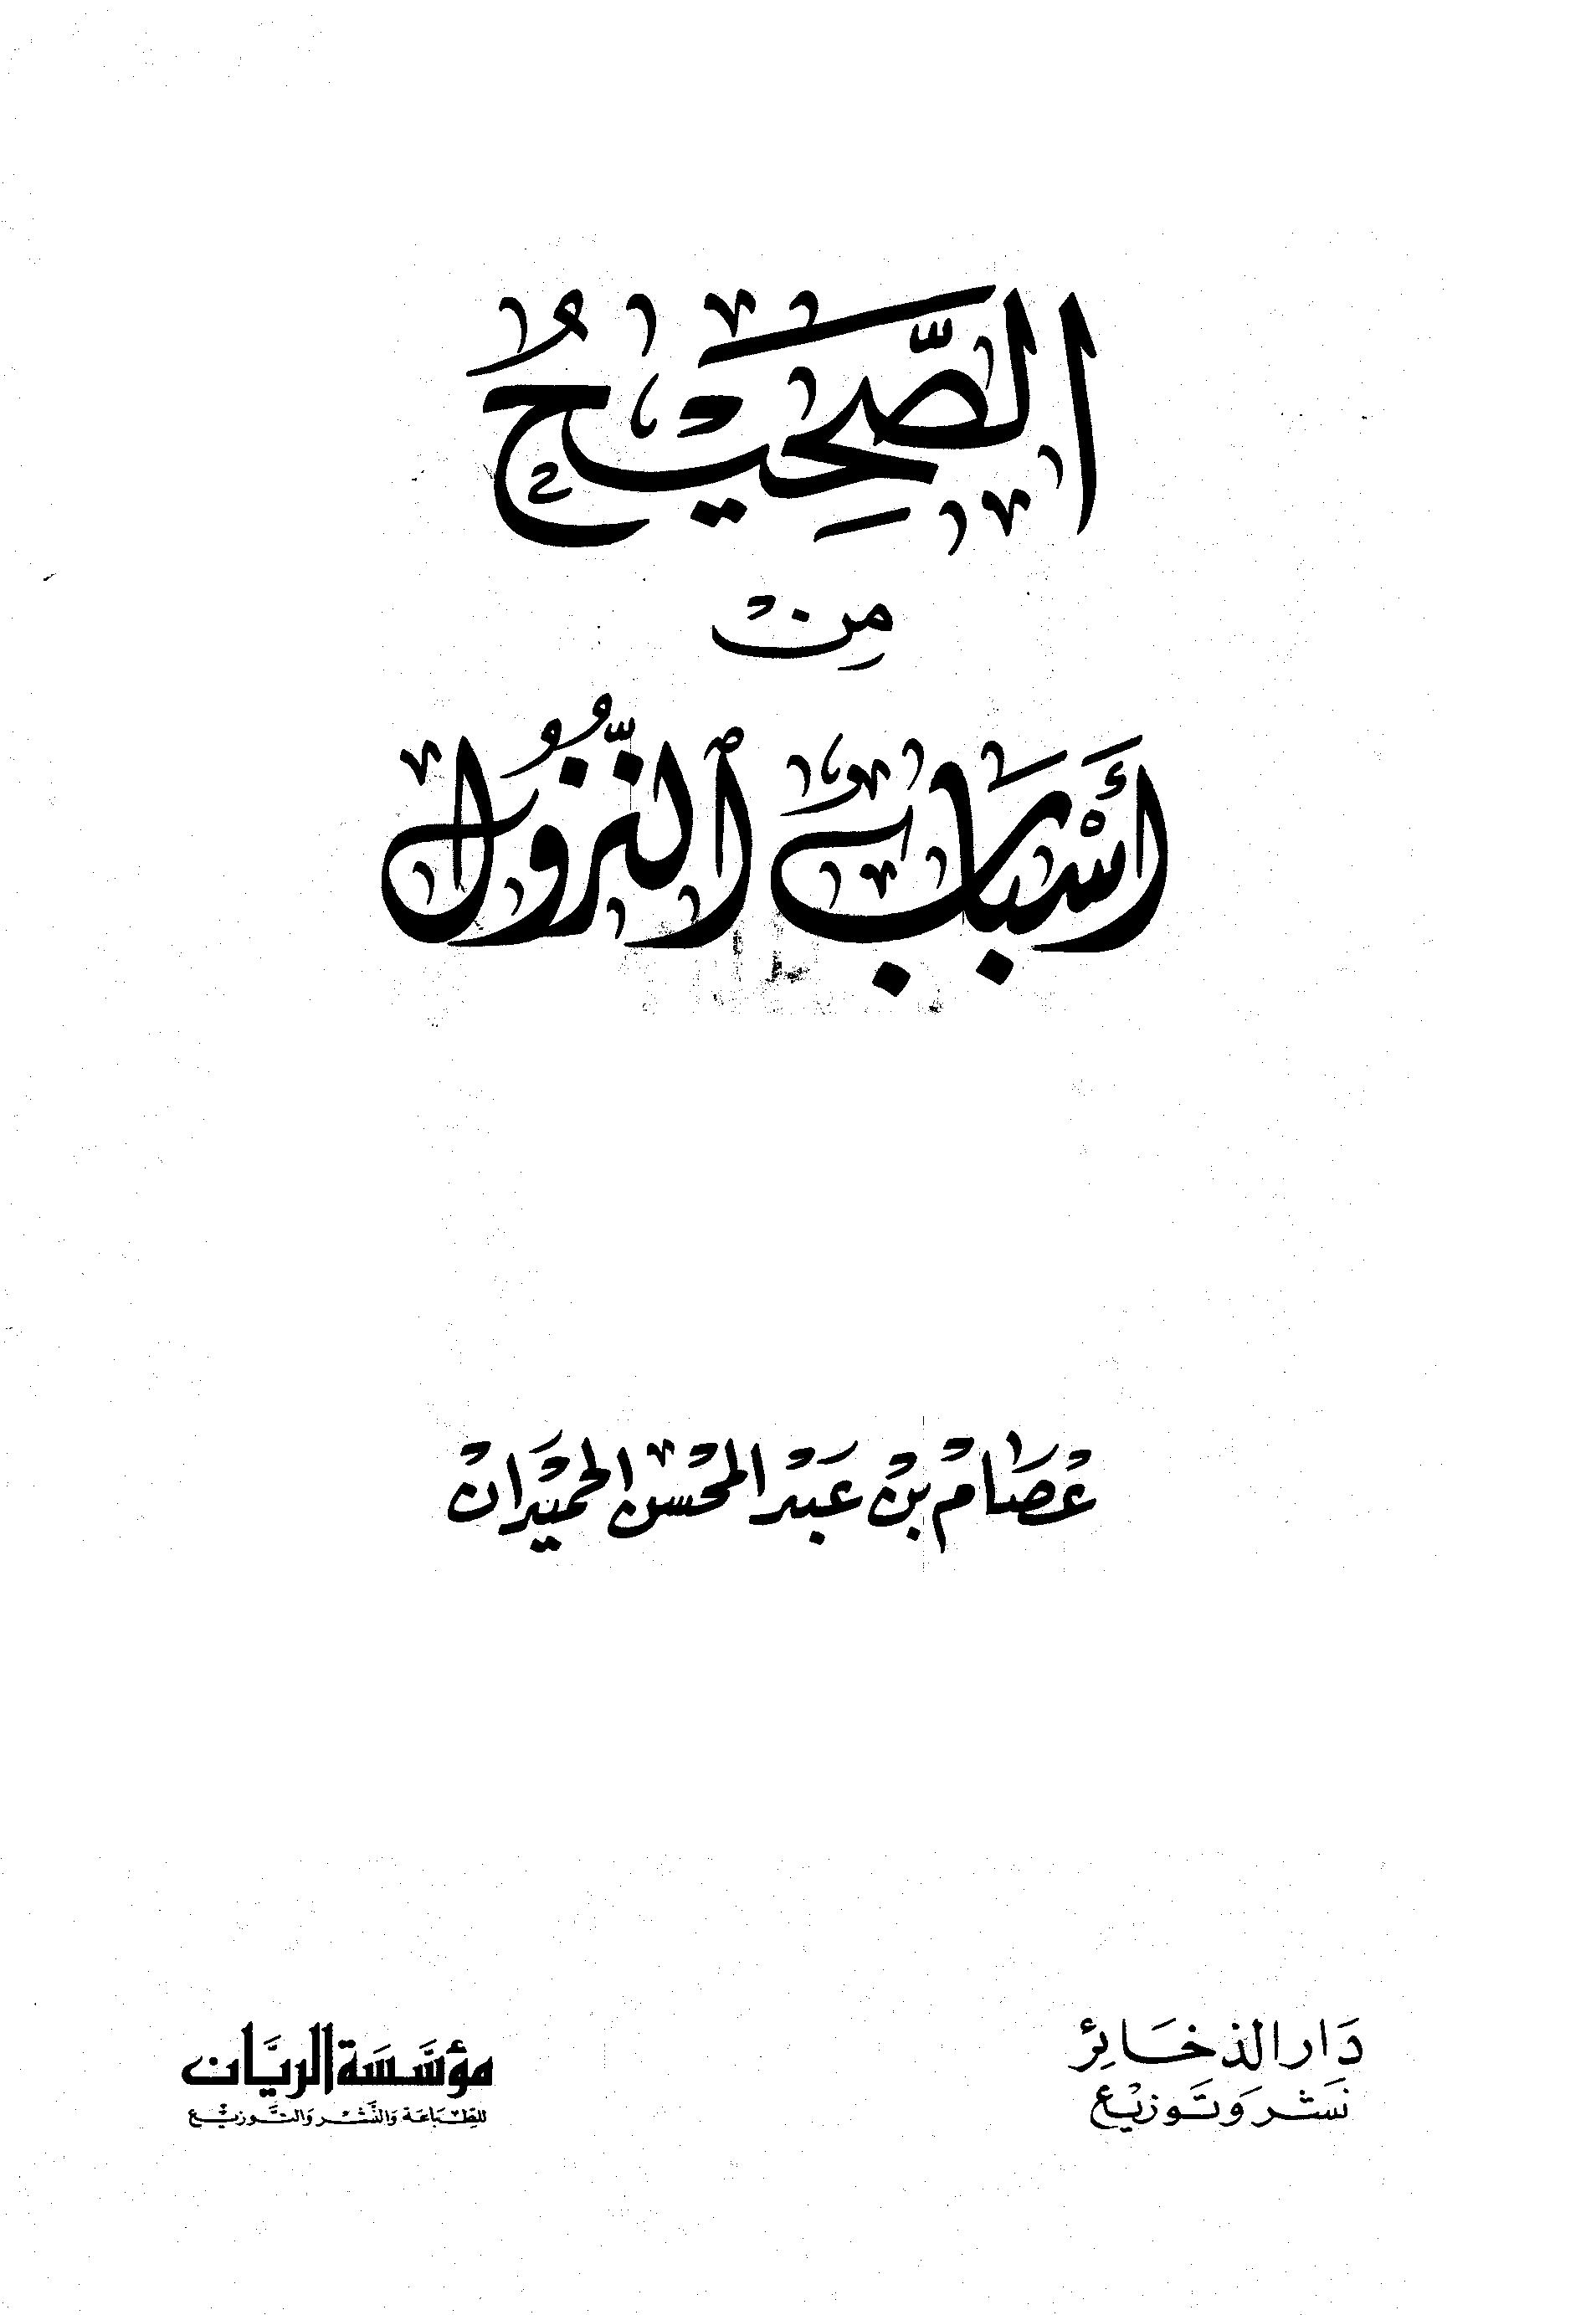 تحميل كتاب الصحيح من أسباب النزول لـِ: الدكتور عصام بن عبد المحسن الحميدان